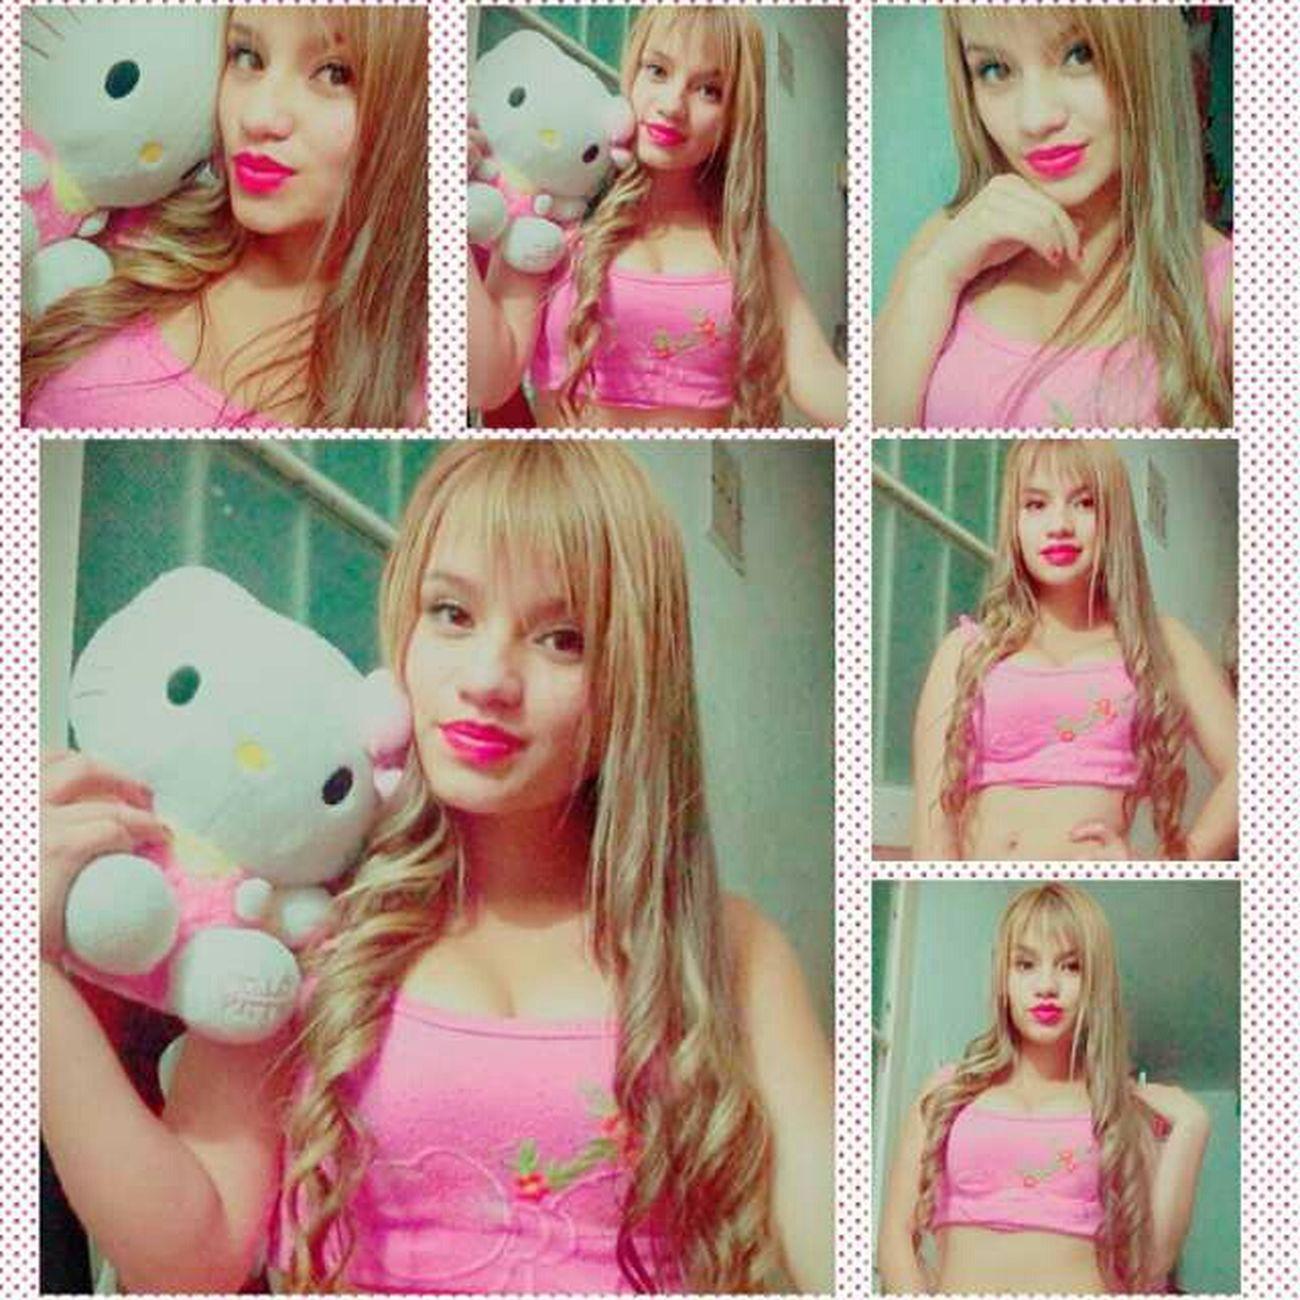 BUENAS NOCHES MIS AMORES QUE DESCANCEN' ESTA PRINCESITA SE VA A DORMIR<3. Buenas Noches! ❤ Buenas Noches :3  Buenasnoches✌ Buenisimas Buenasnochesamores Antesdedormir Pijama <3 Listaparadormir Adormir Princesa Cabello 💕🙈👌 Unbesito Dormir😪 Horadedormir Cuando Los ángeles Duermen Lips #love #smile #pink #cute #pretty Sexylips Latina ♥ Que Dios Los Bendiga.